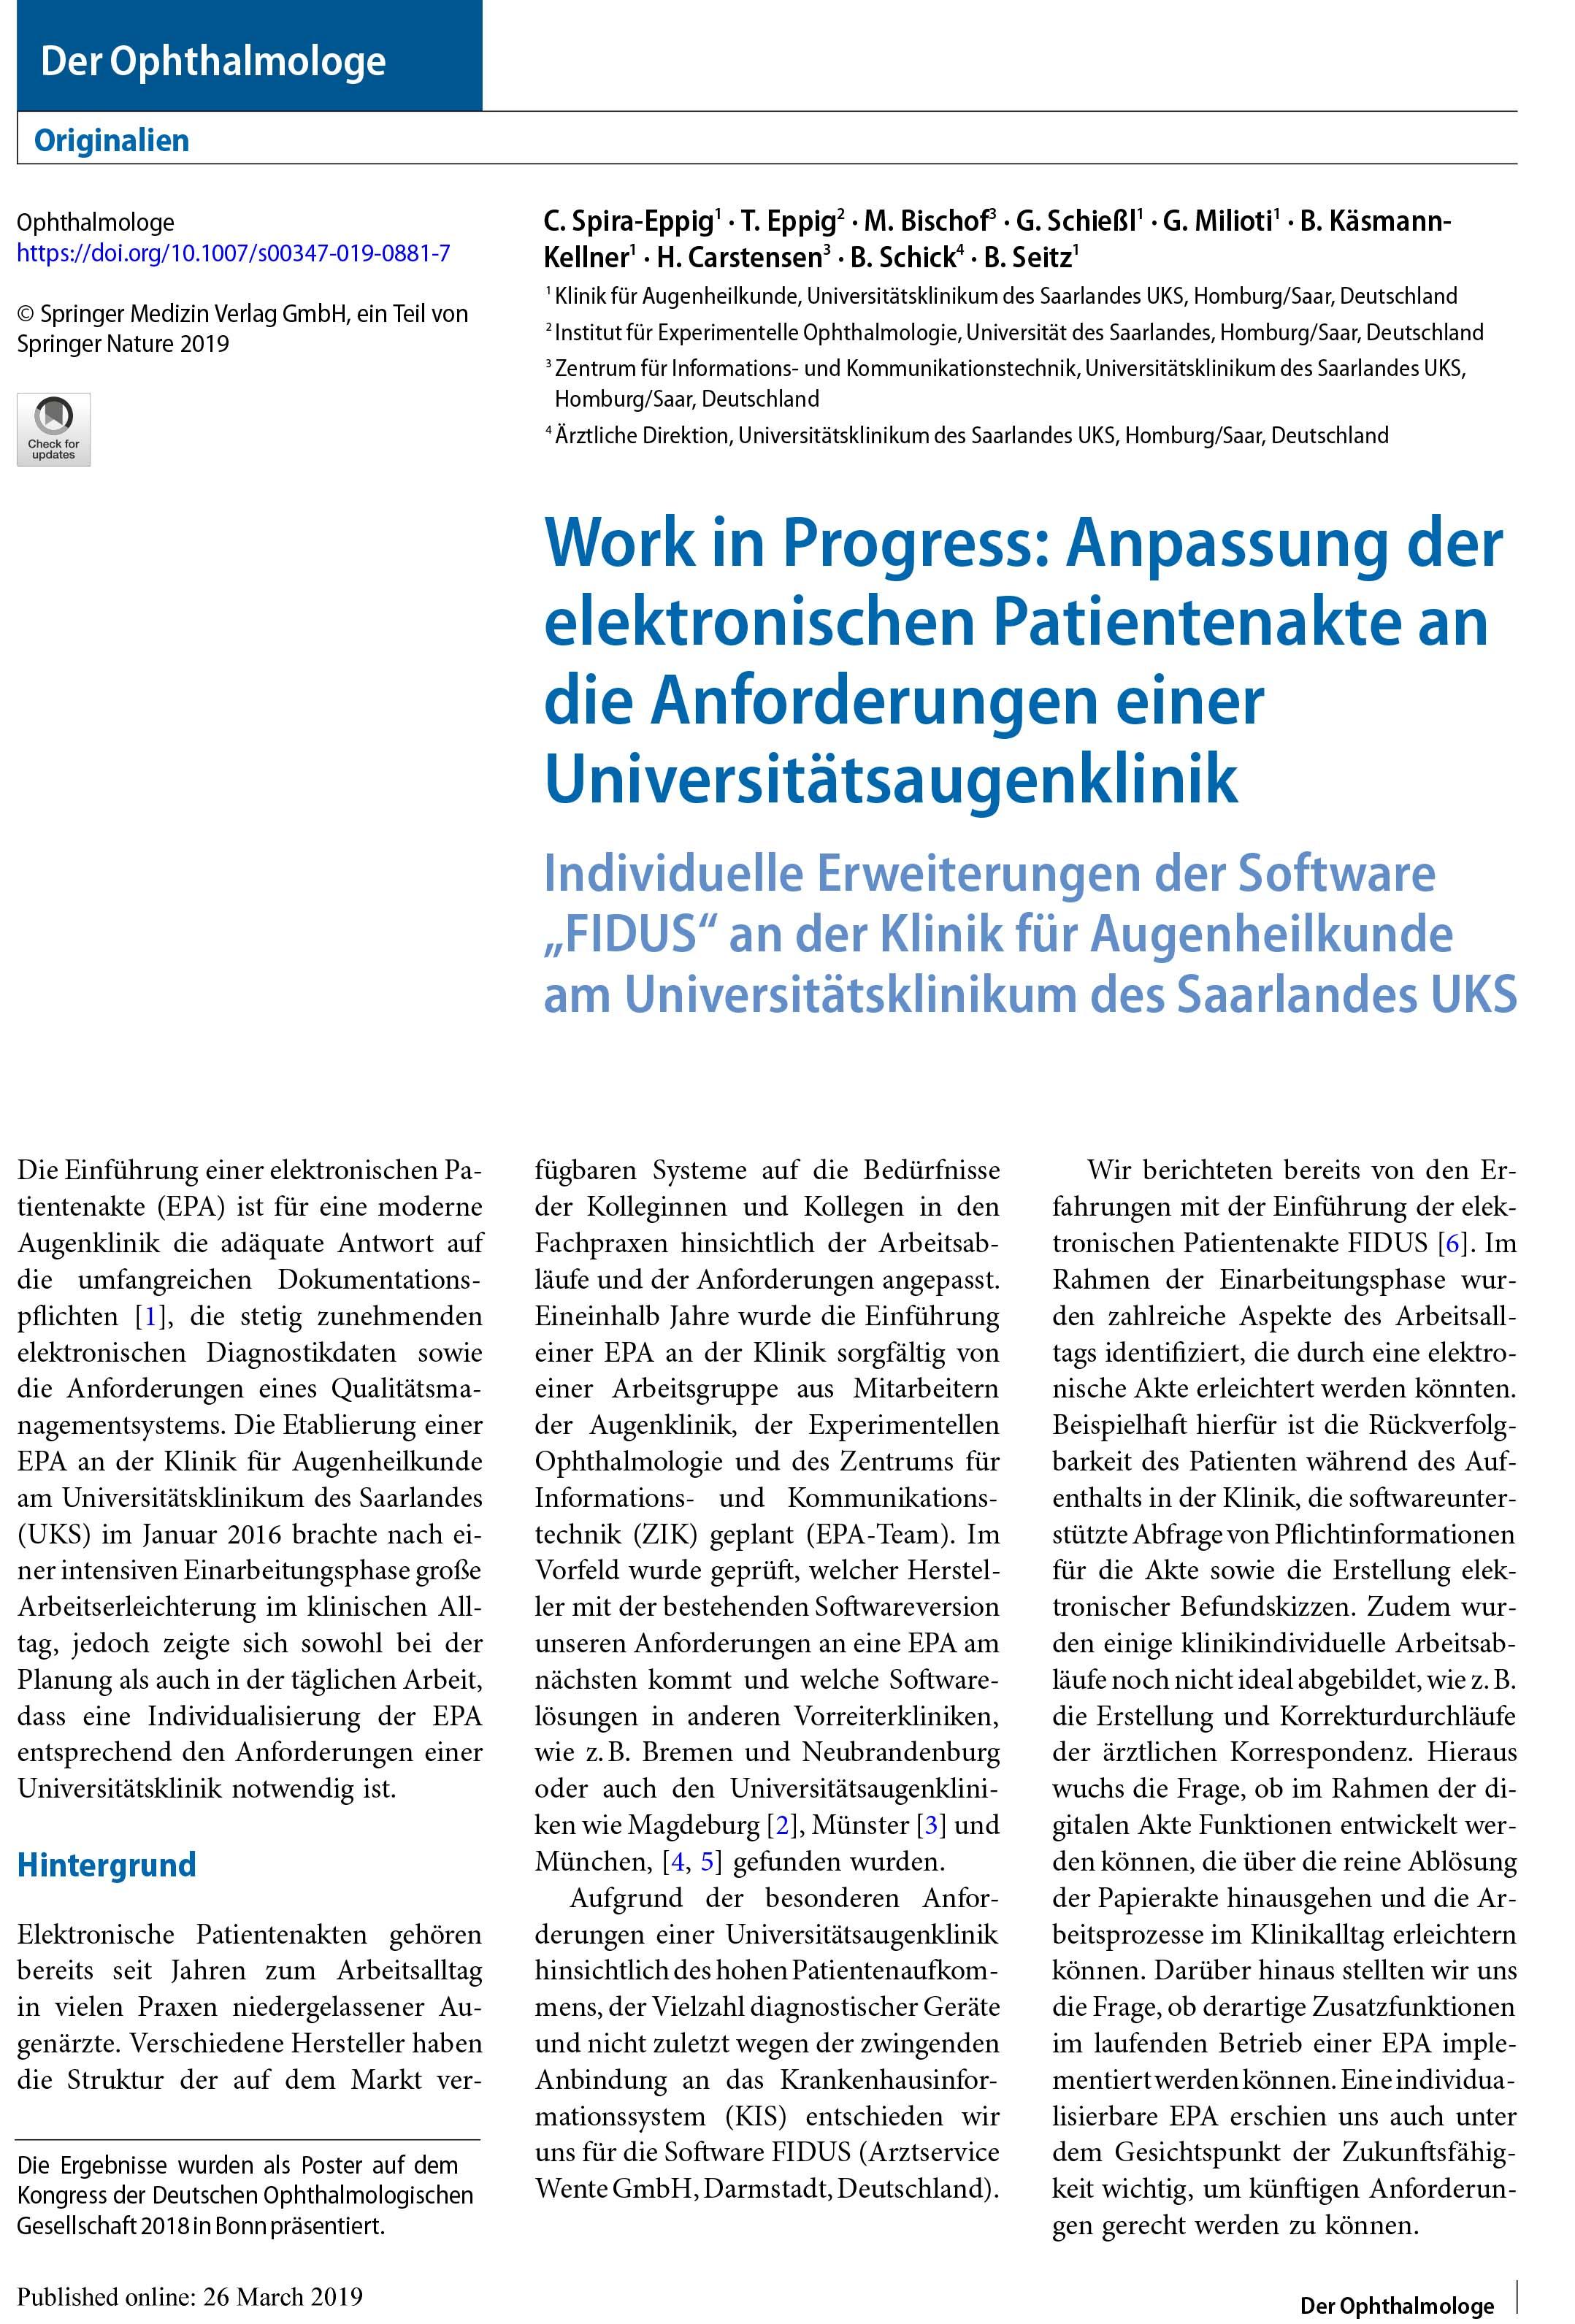 Anpassung der elektronischen Patientenakte an die Anforderungen einer Universitätsaugenklinik